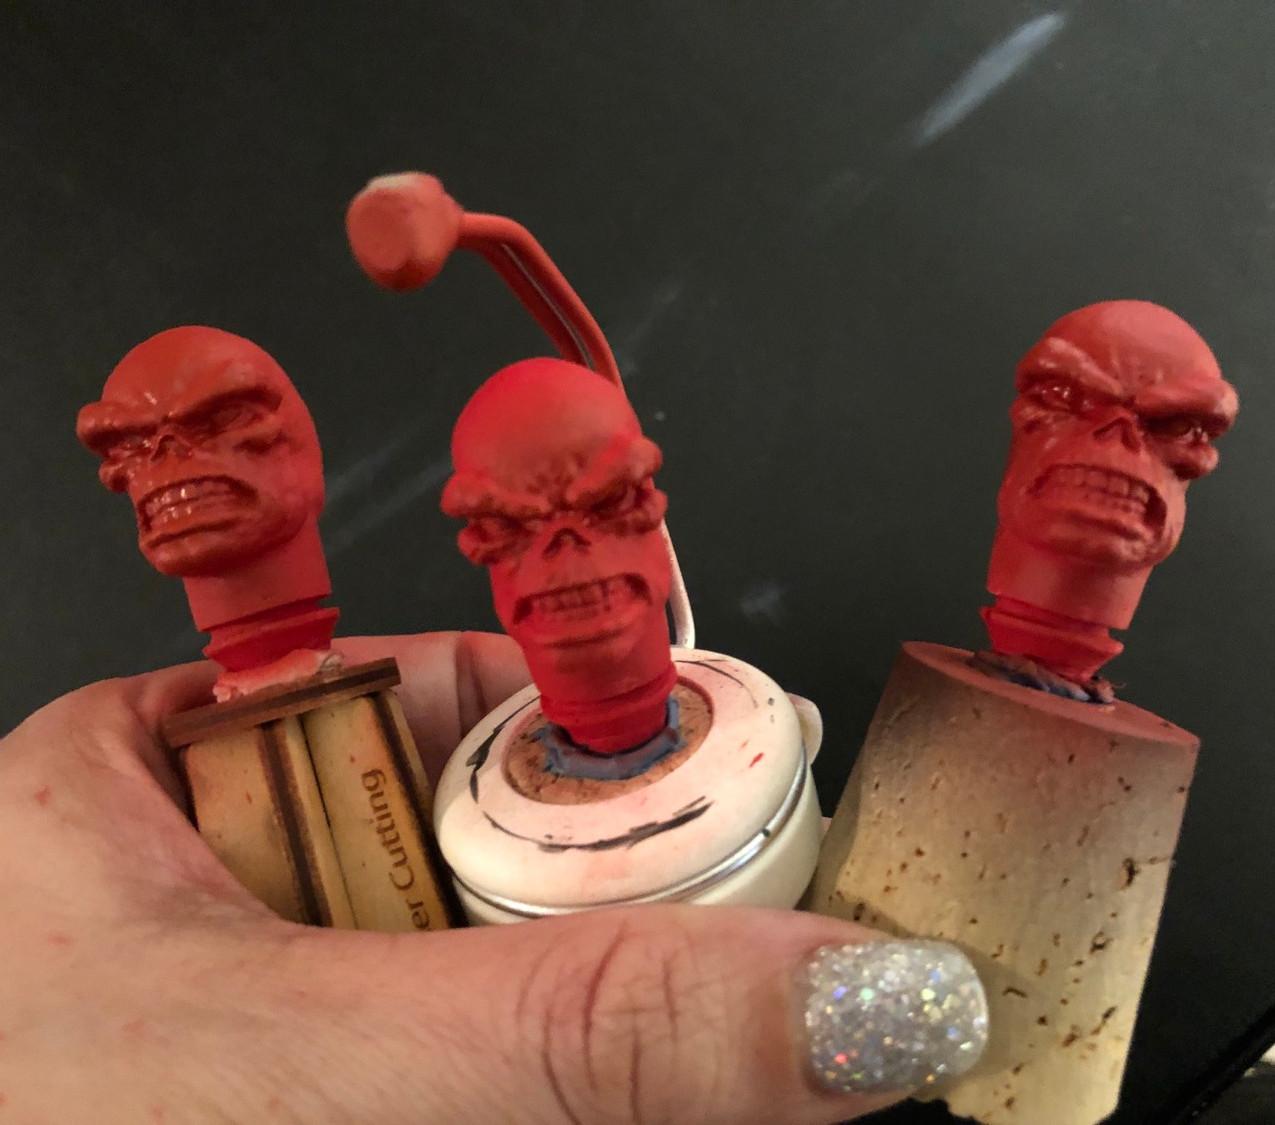 Base coated Mego heads